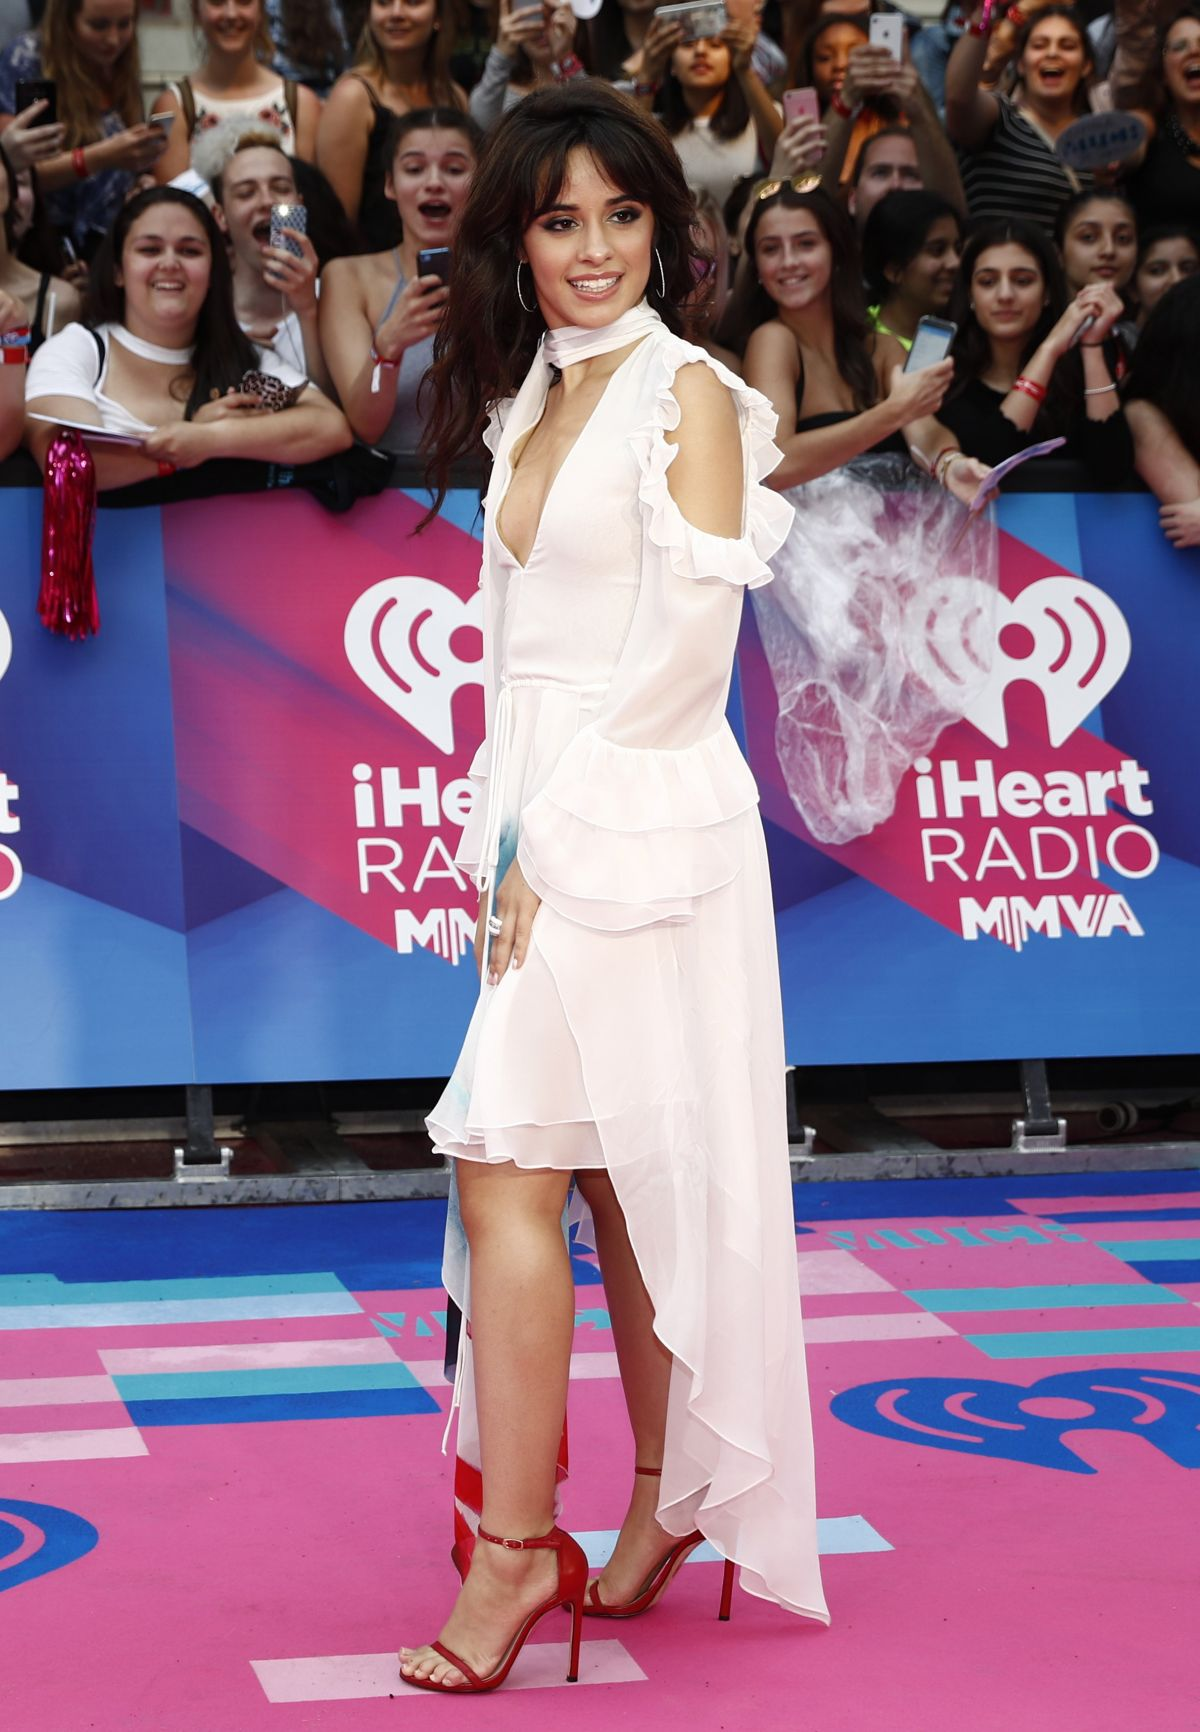 CAMILA CABELLO at IHeartRadio Muchmusic Video Awards in Toronto 06/18/2017